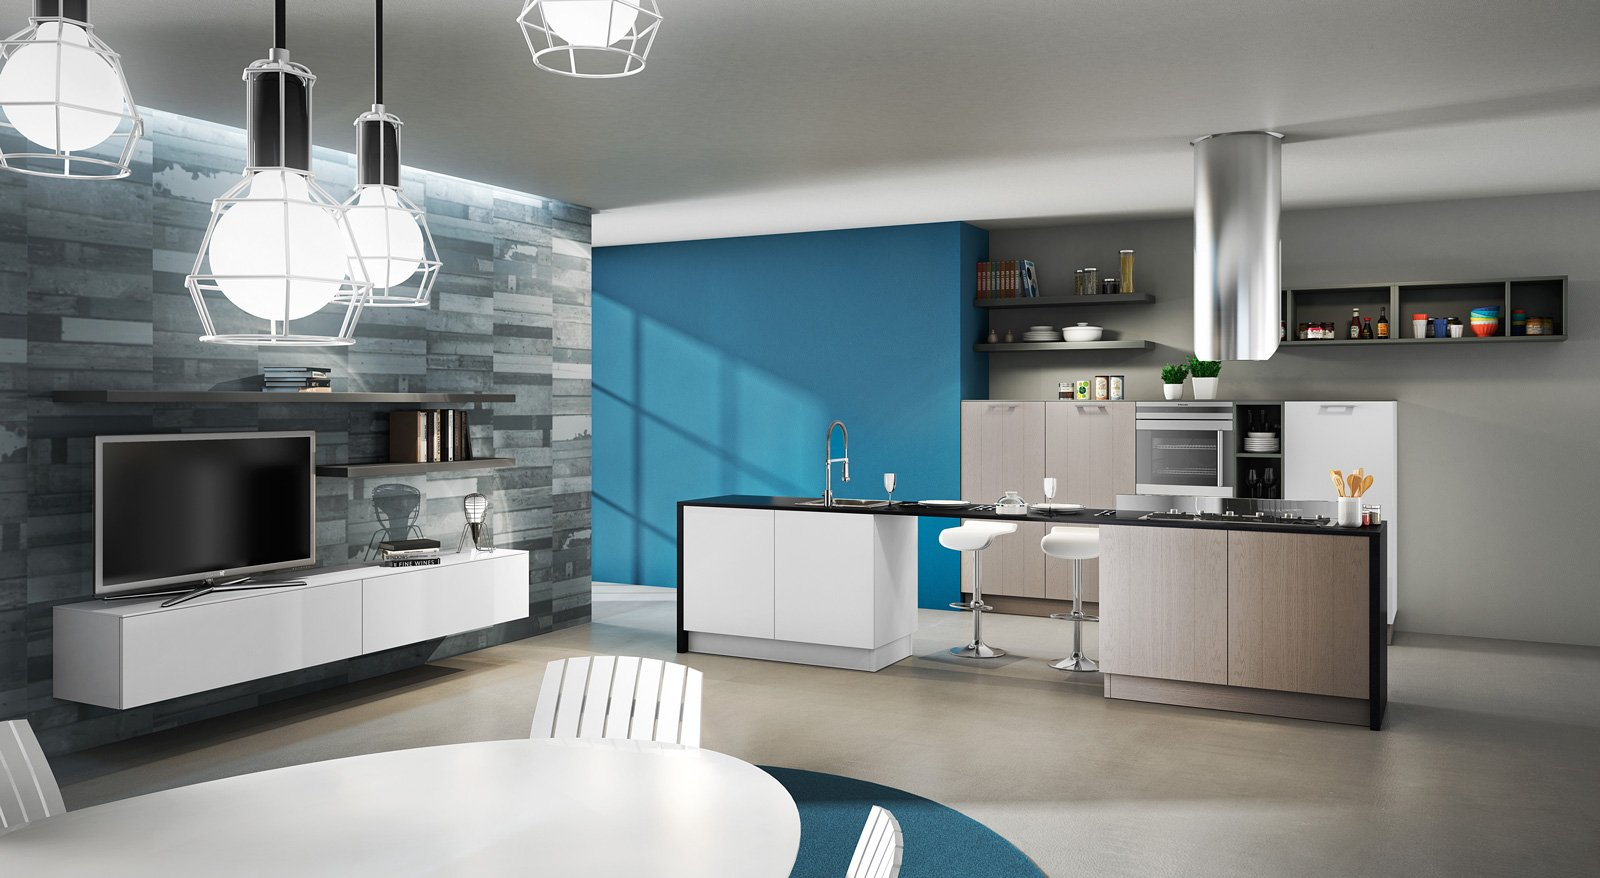 Arredamento cucine piccole cose di casa for Arredamento cucina moderna foto